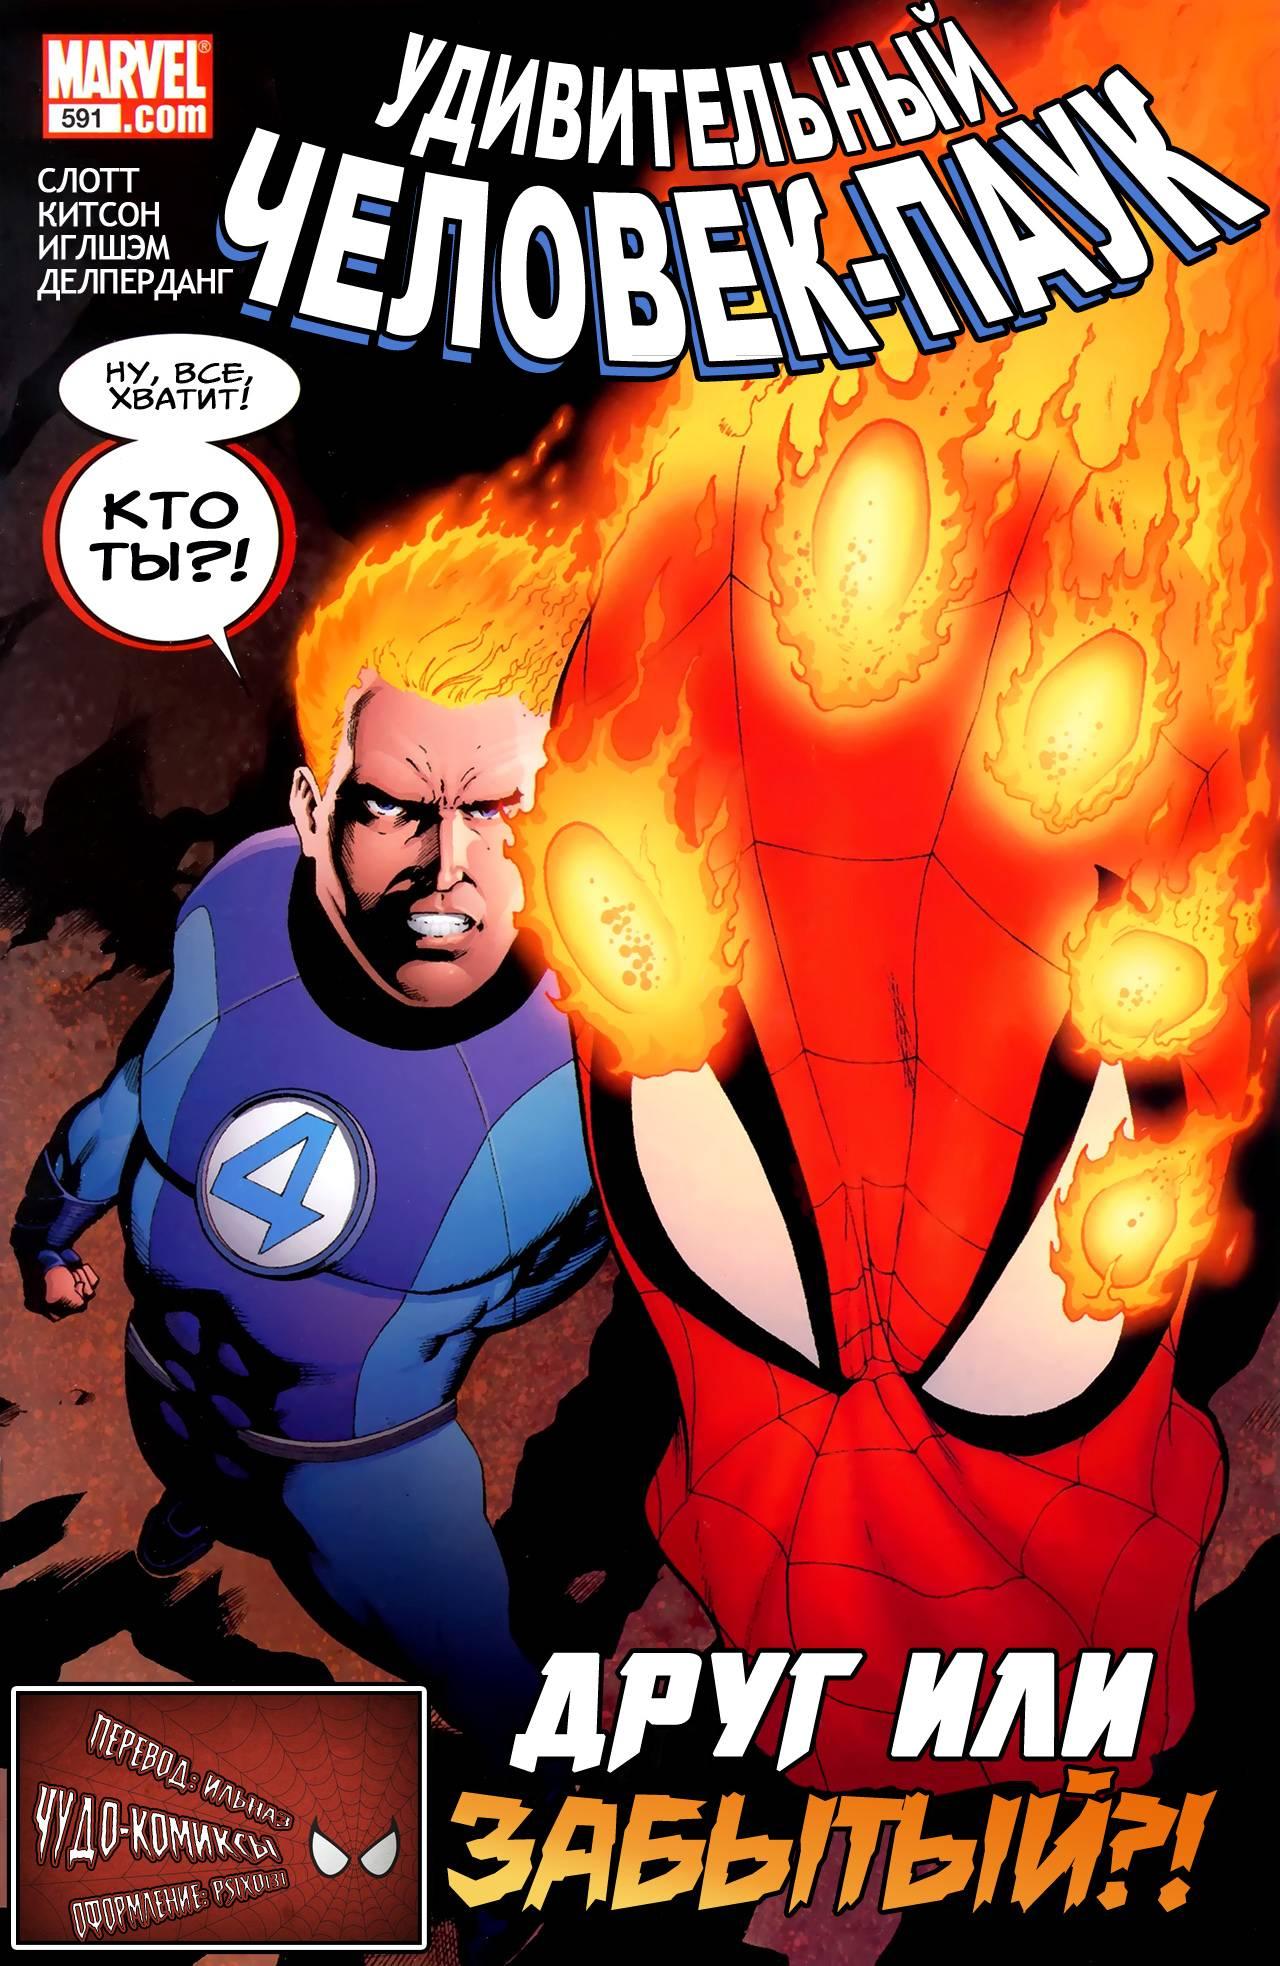 Удивительный Человек-паук №591 онлайн